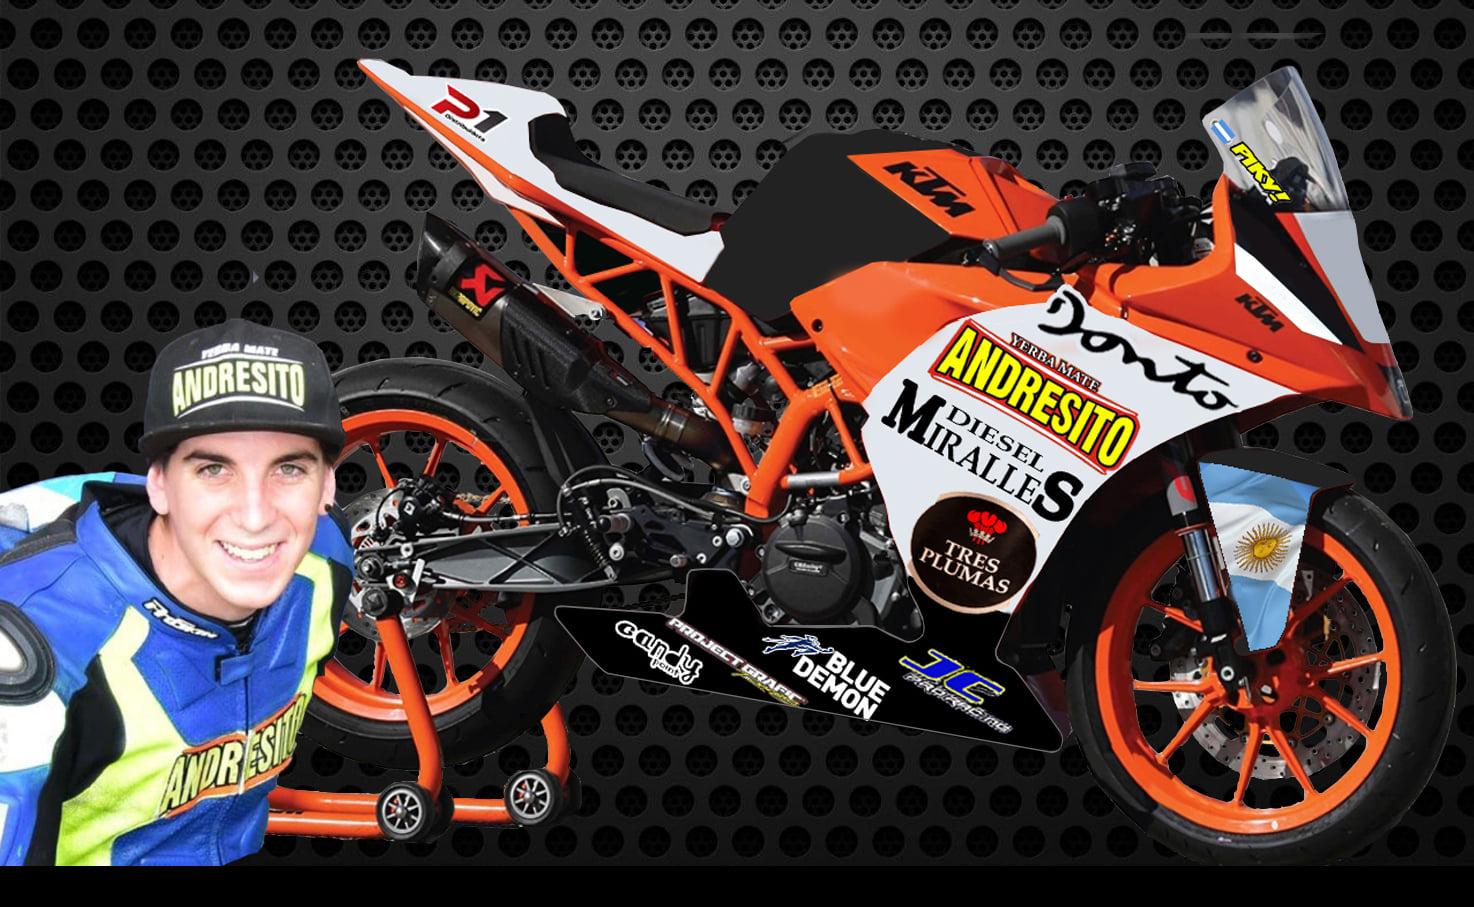 Motociclismo: «Piki» Pastorino se convierte en piloto internacional